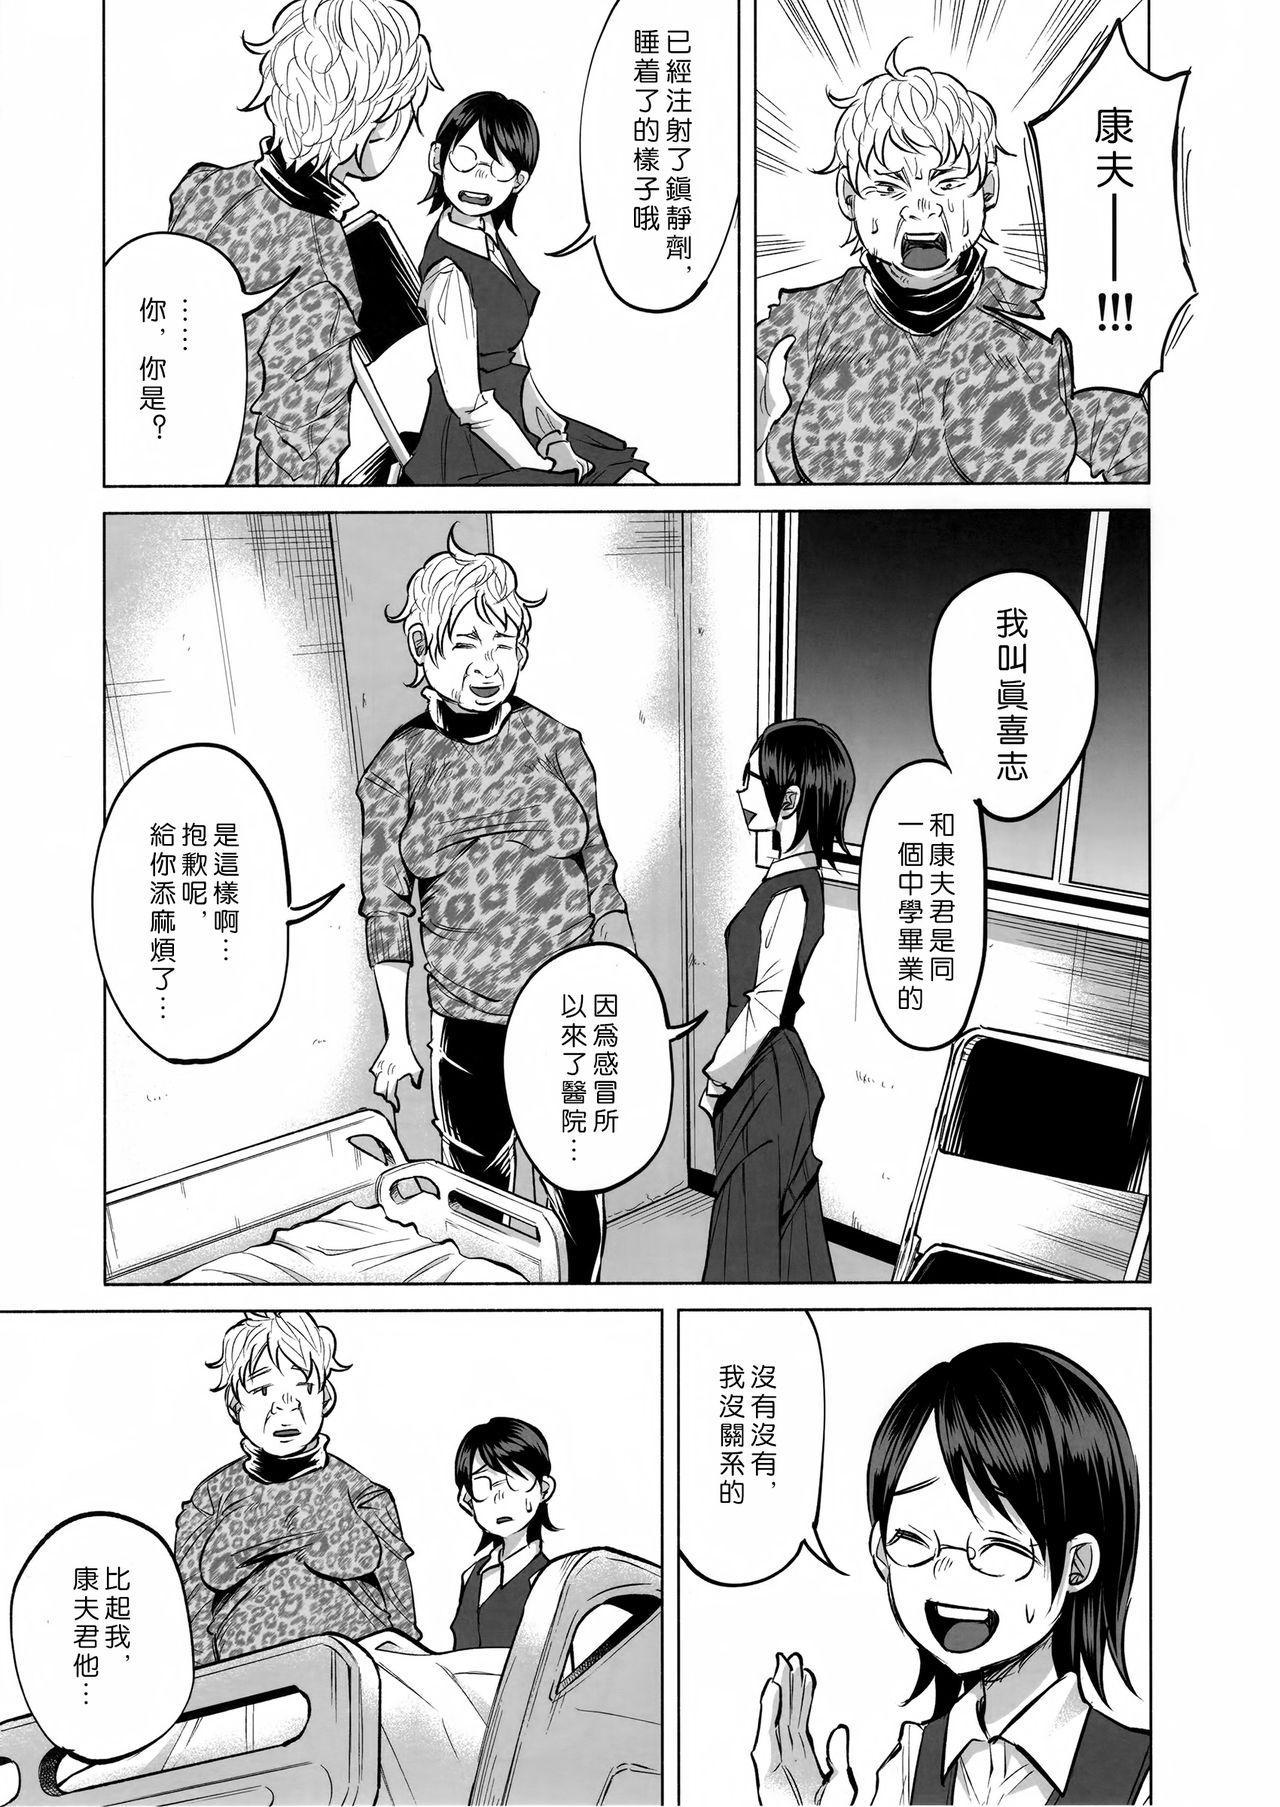 Koi Monogatari 14